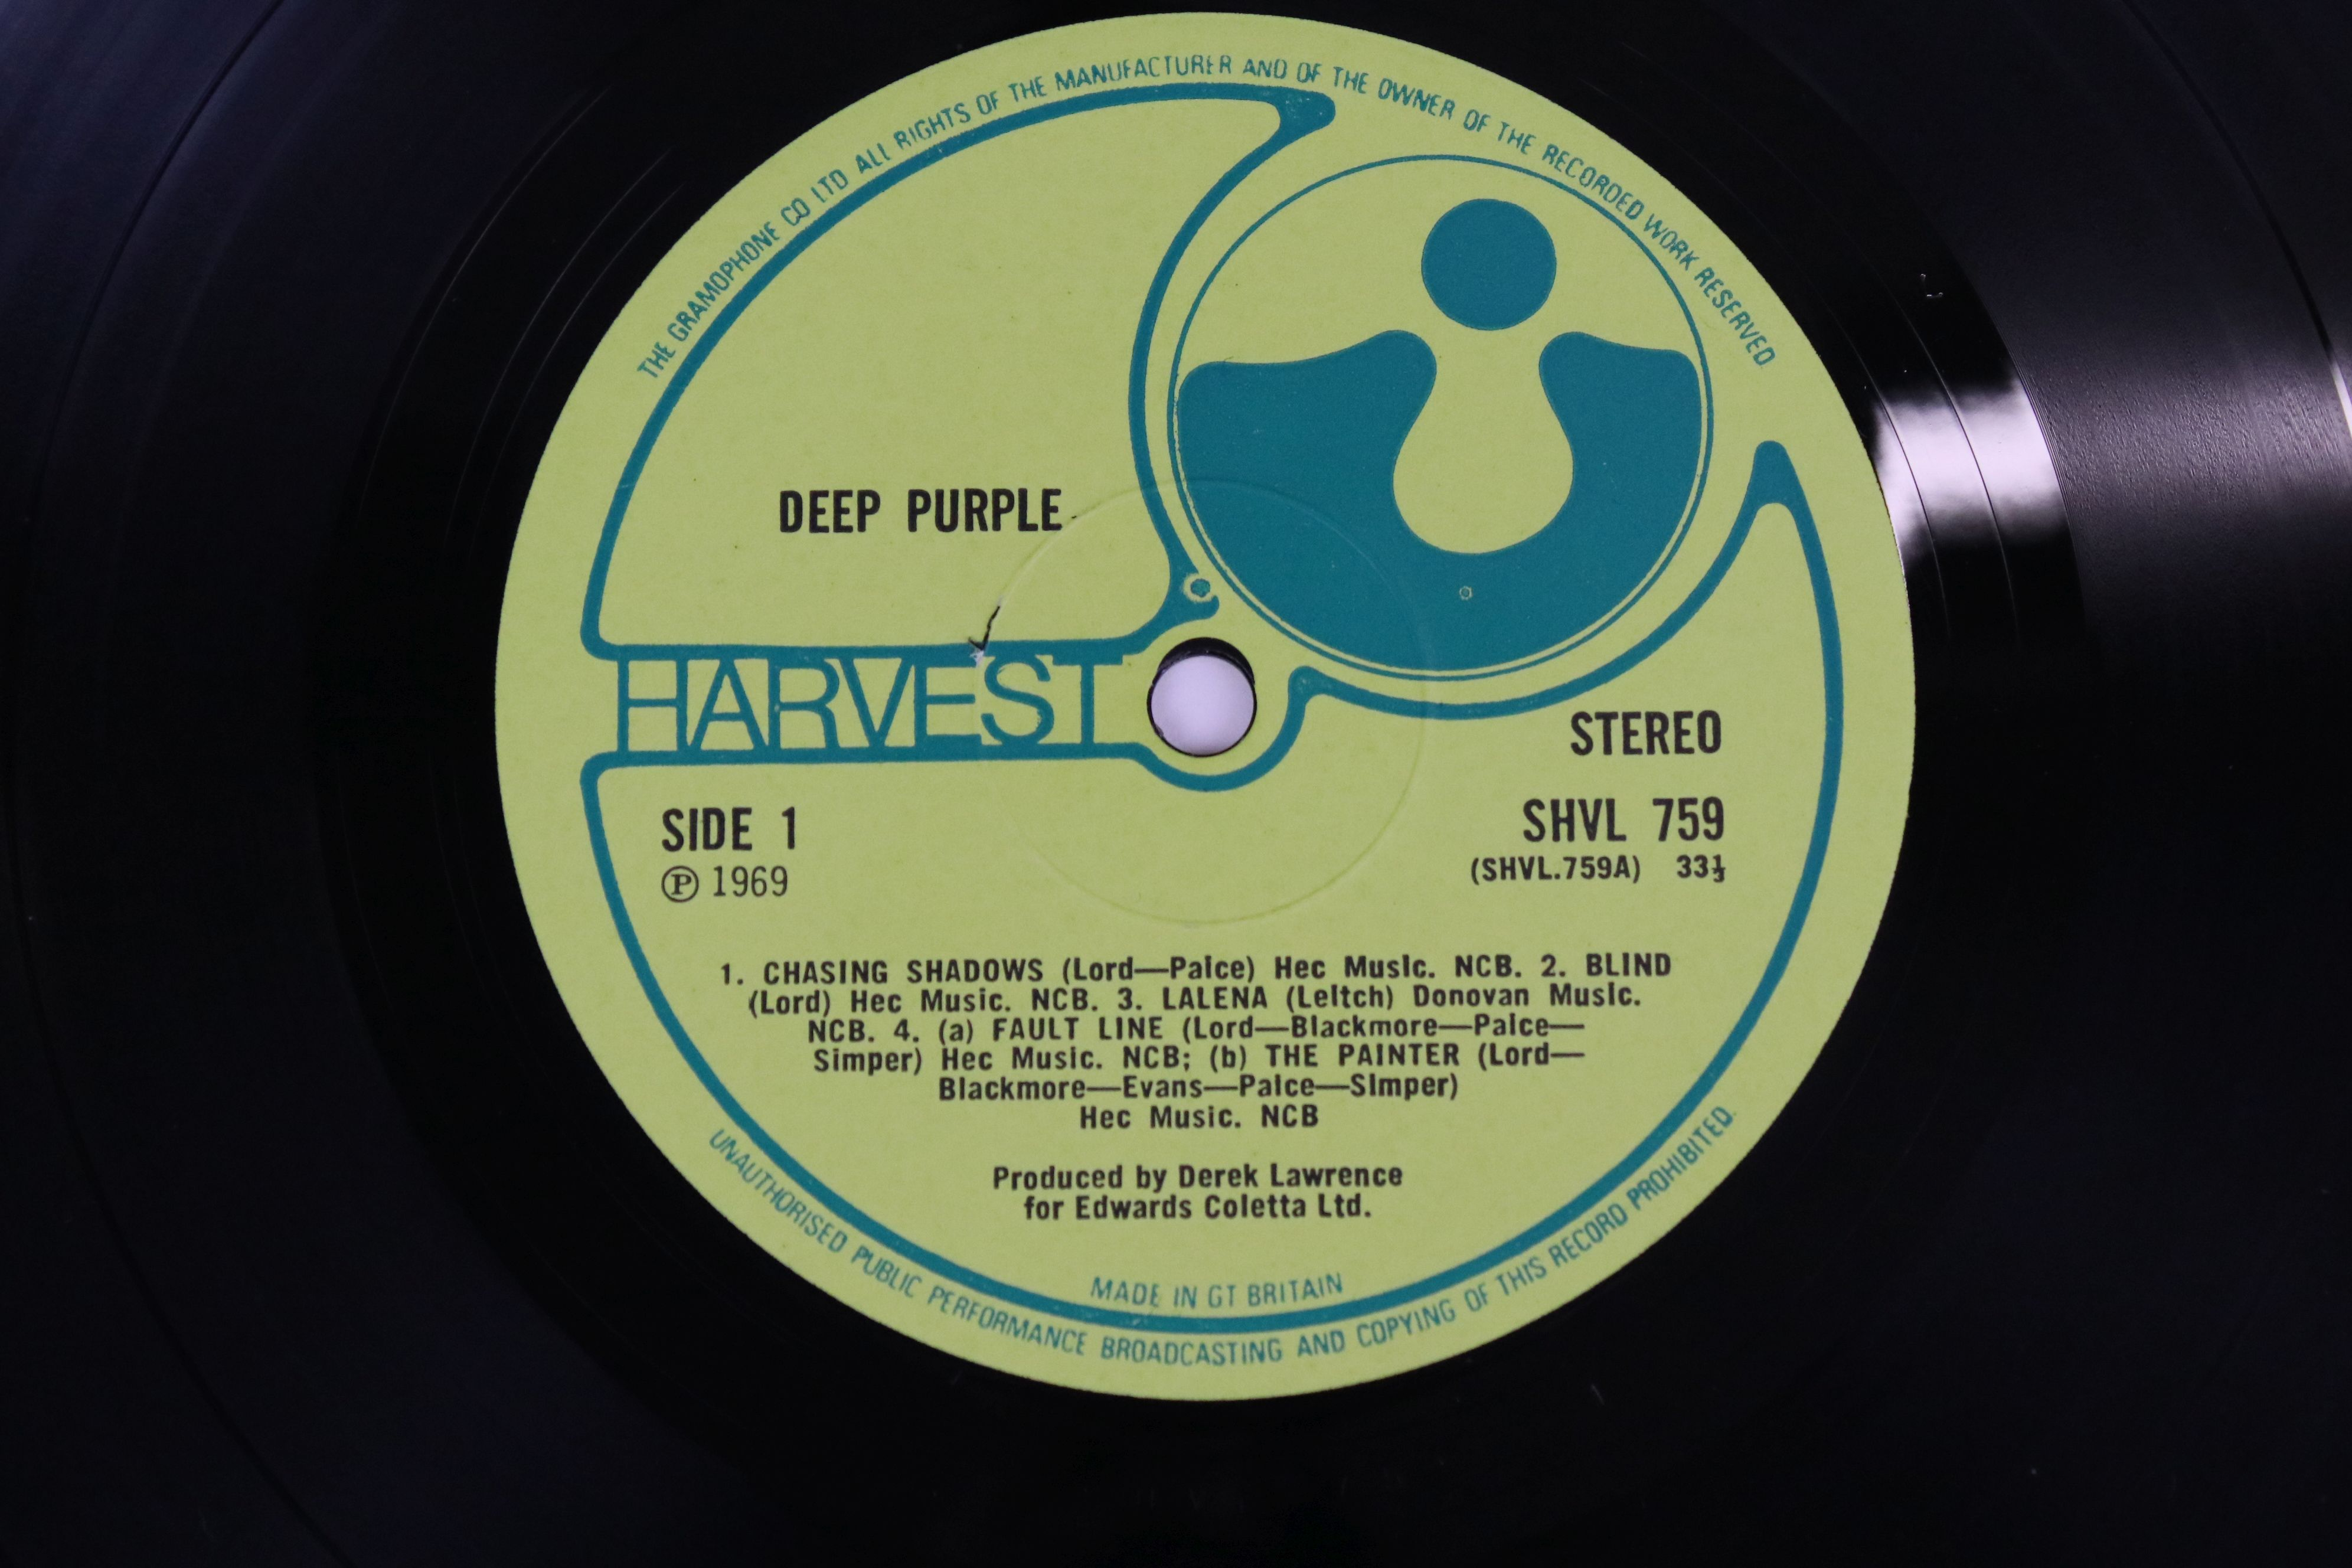 Vinyl - Deep Purple self titled (Harvest SHVL 759) no EMI on label, EMI and Harvest on front sleeve, - Image 3 of 5